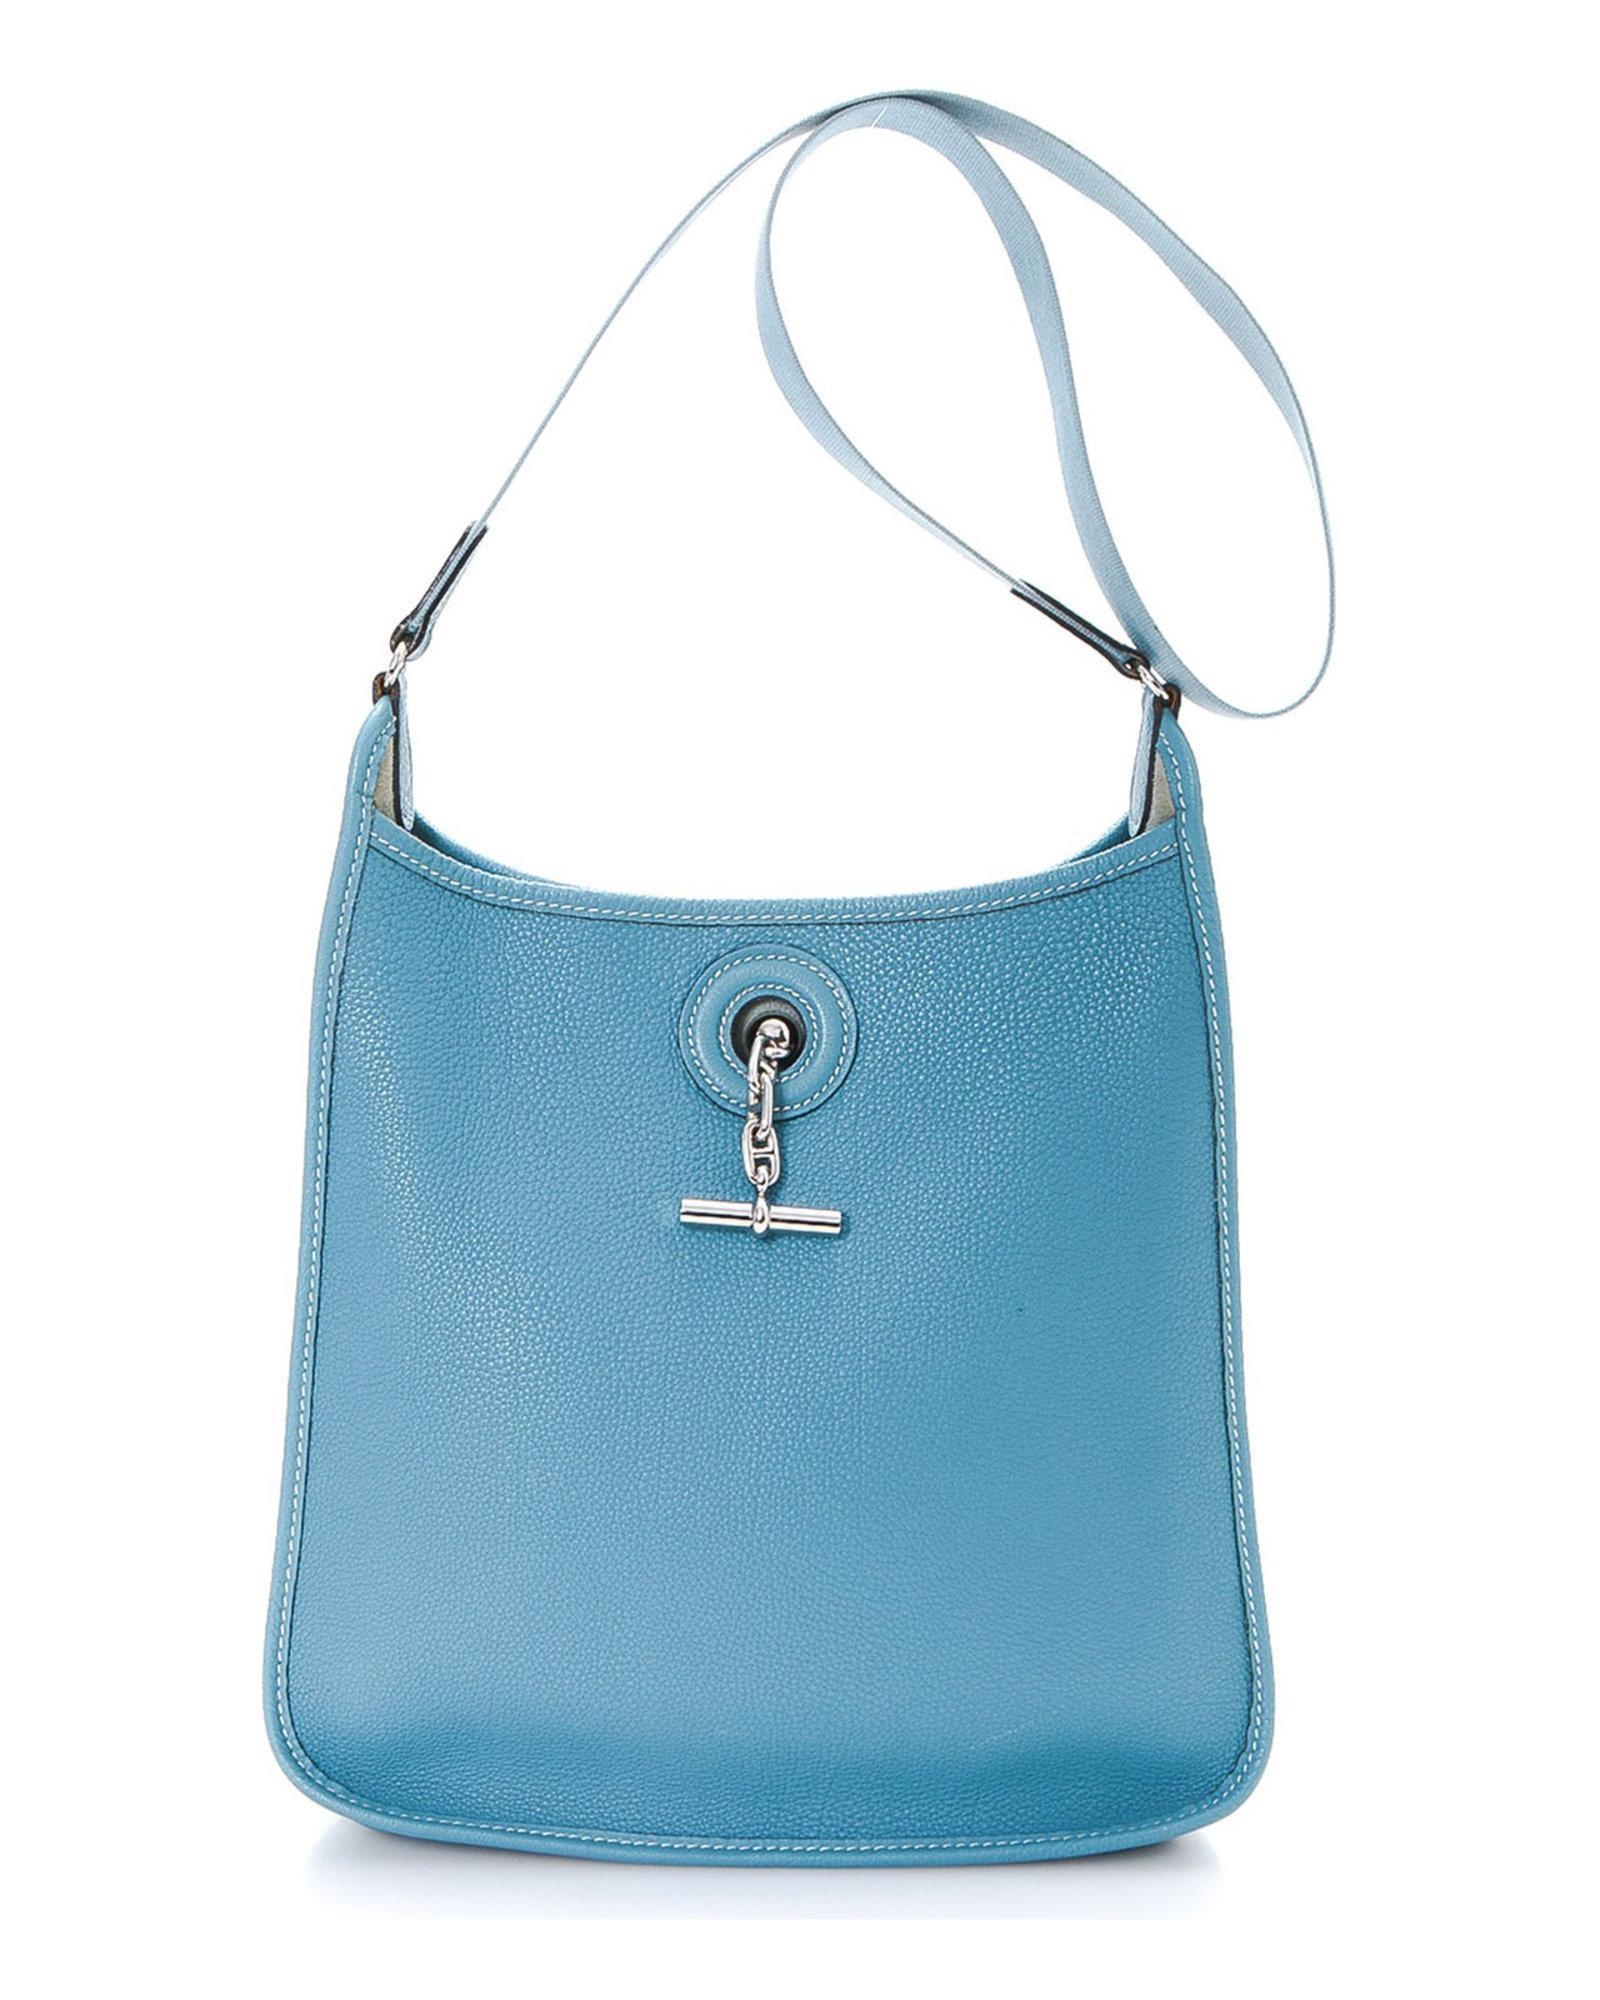 a2f1c1d4e6fc Lyst - Hermès Shoulder Bag - Vintage in Blue